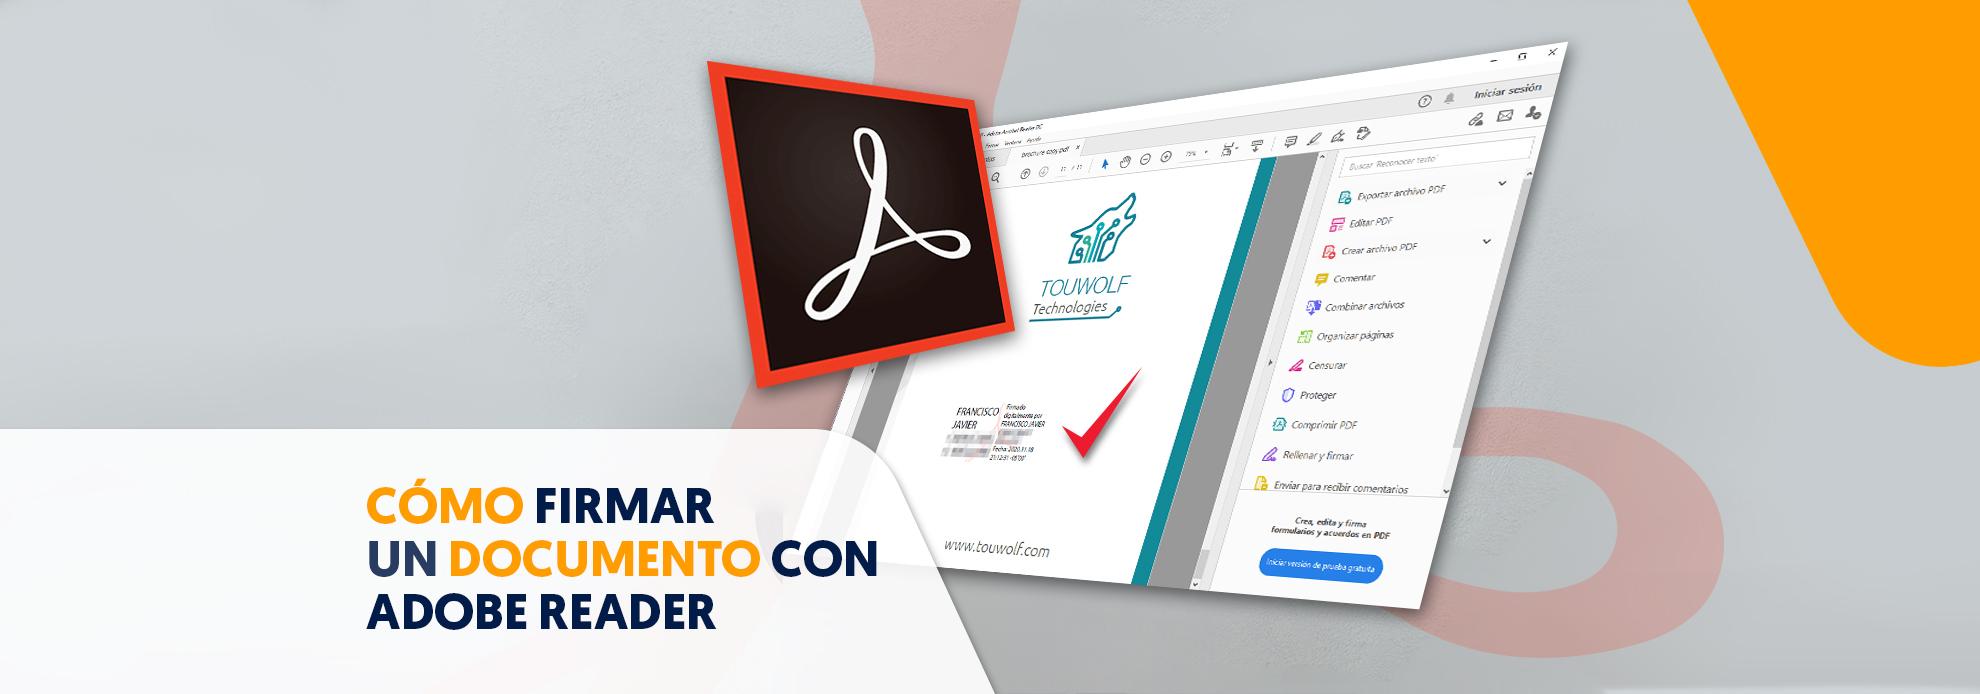 Como firmar con Adobe Reader